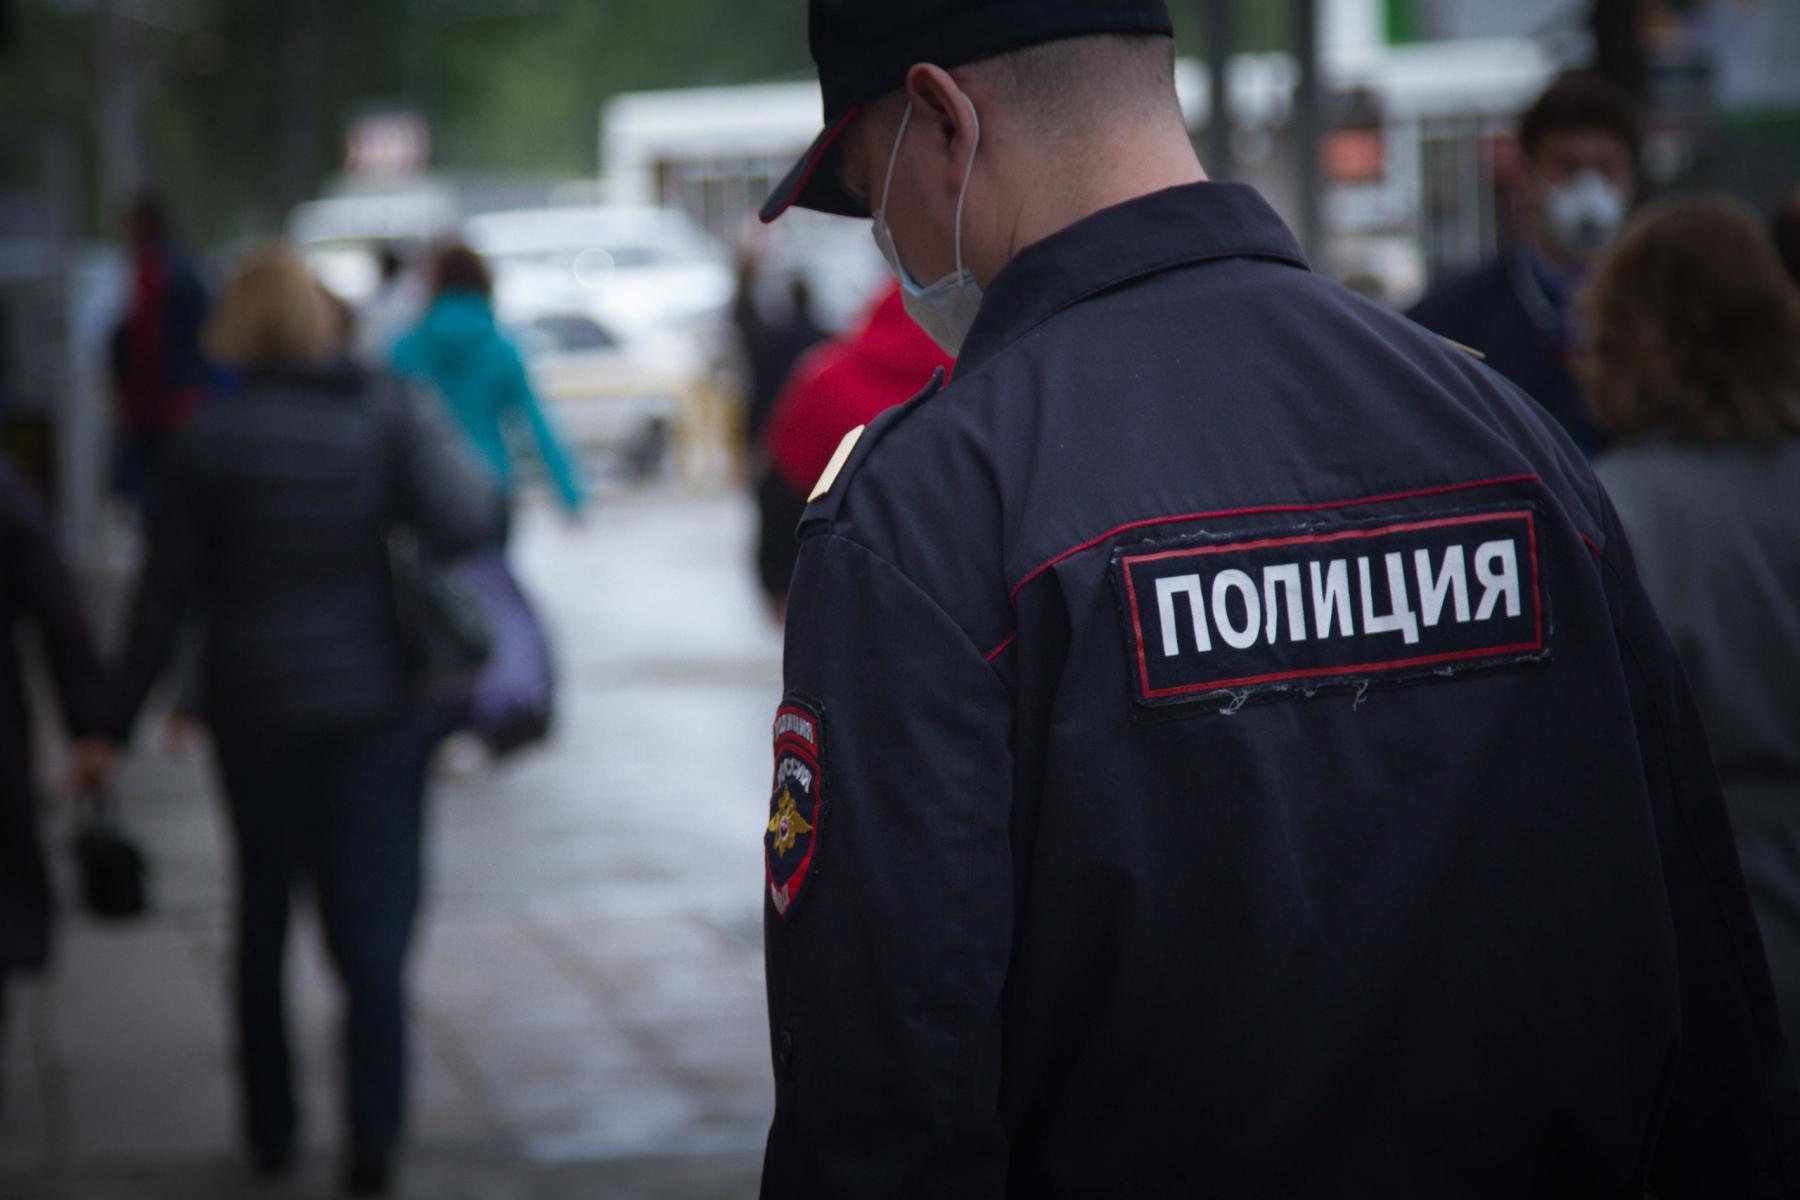 фото Сдал на металлолом: в Кузбассе вандал разграбил могилу ветерана ВОВ 2